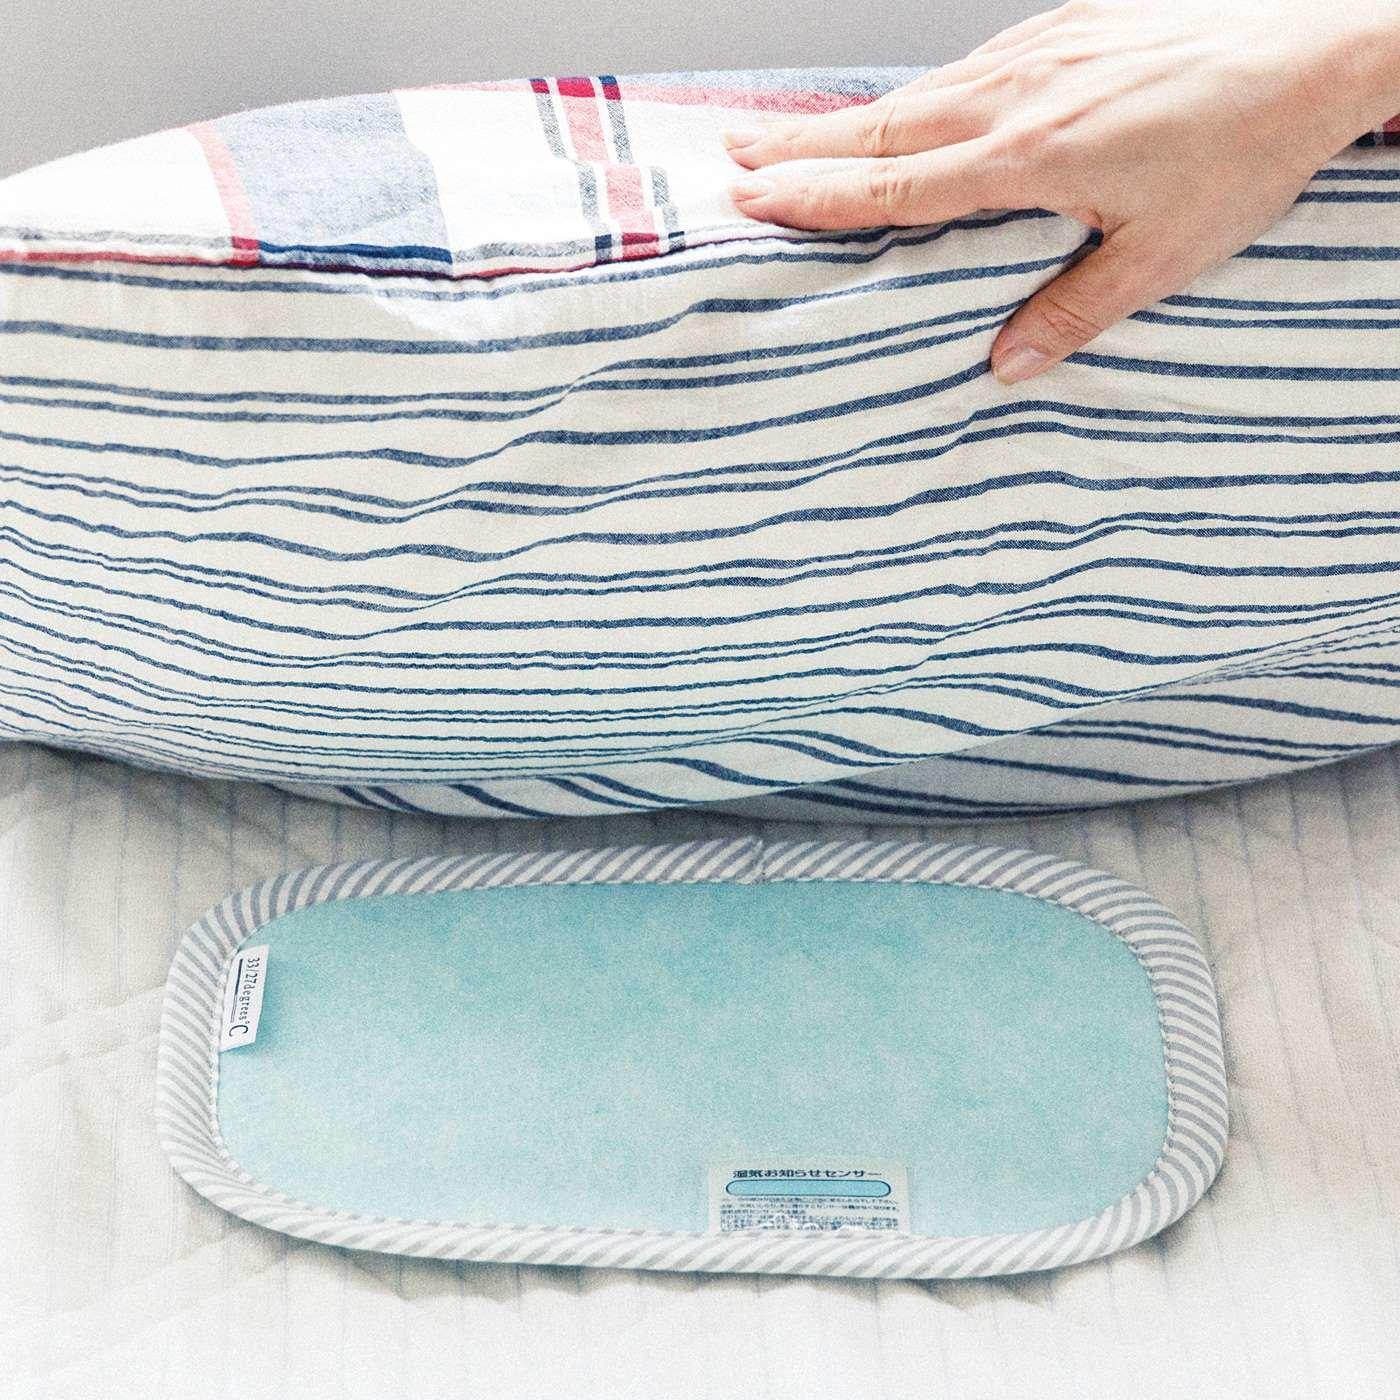 枕の湿気を吸収 繰り返し使える吸湿シート(枕用)の会